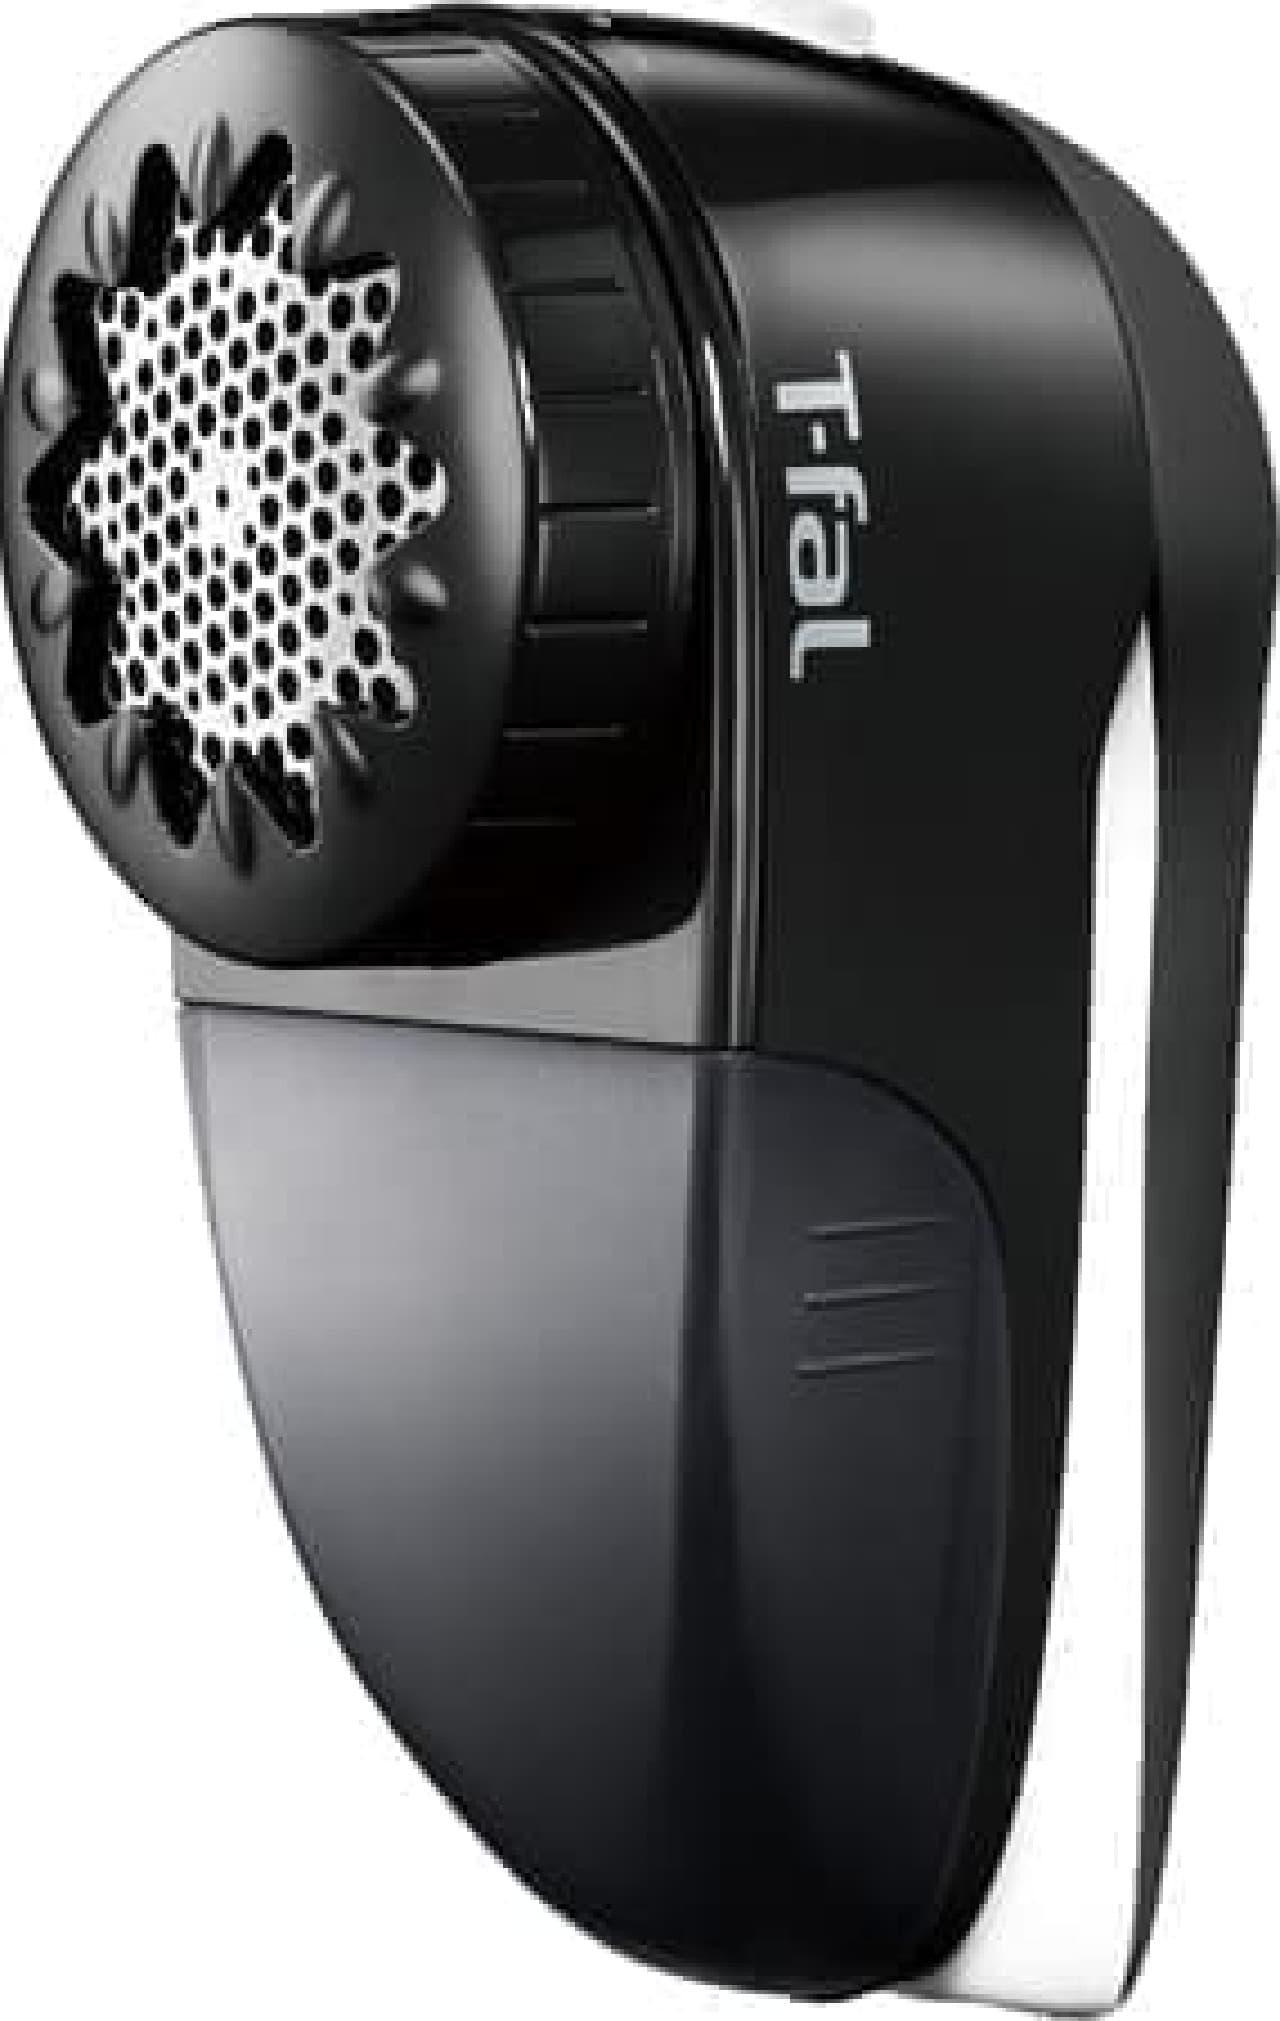 ティファールの充電式毛玉クリーナー